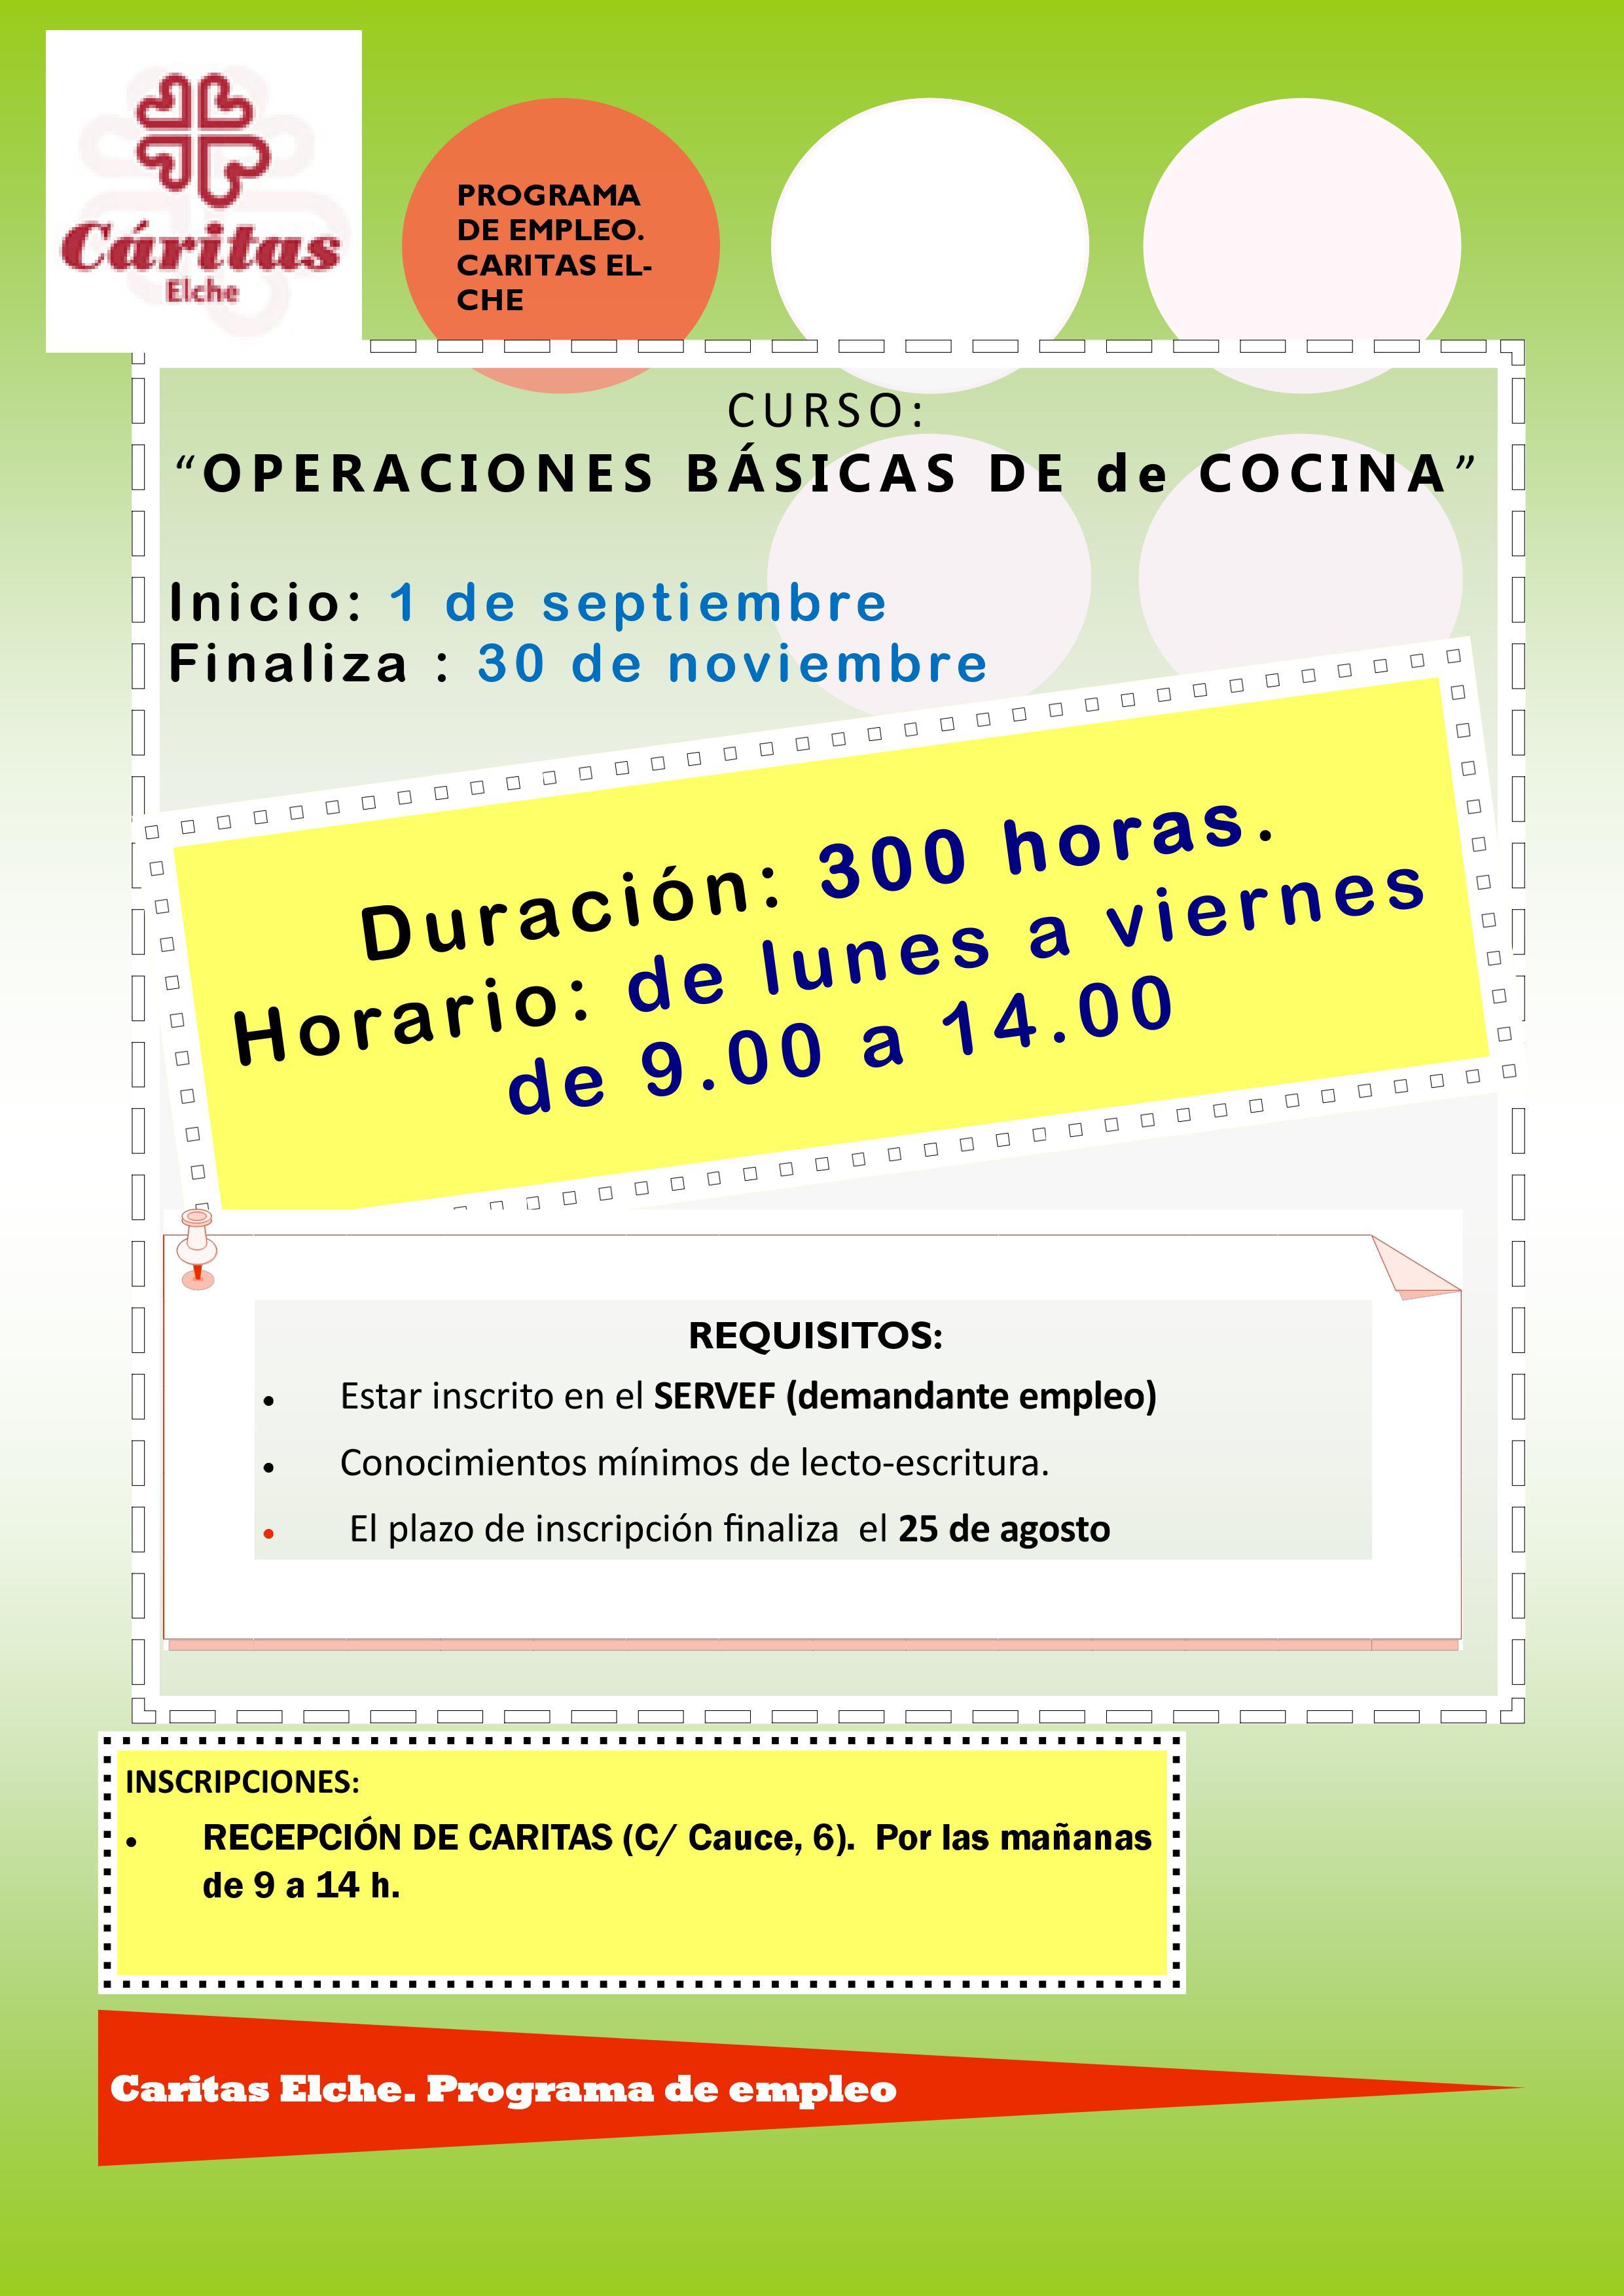 Curso de operaciones b sicas de cocina c ritas elche for Manual operaciones basicas de cocina